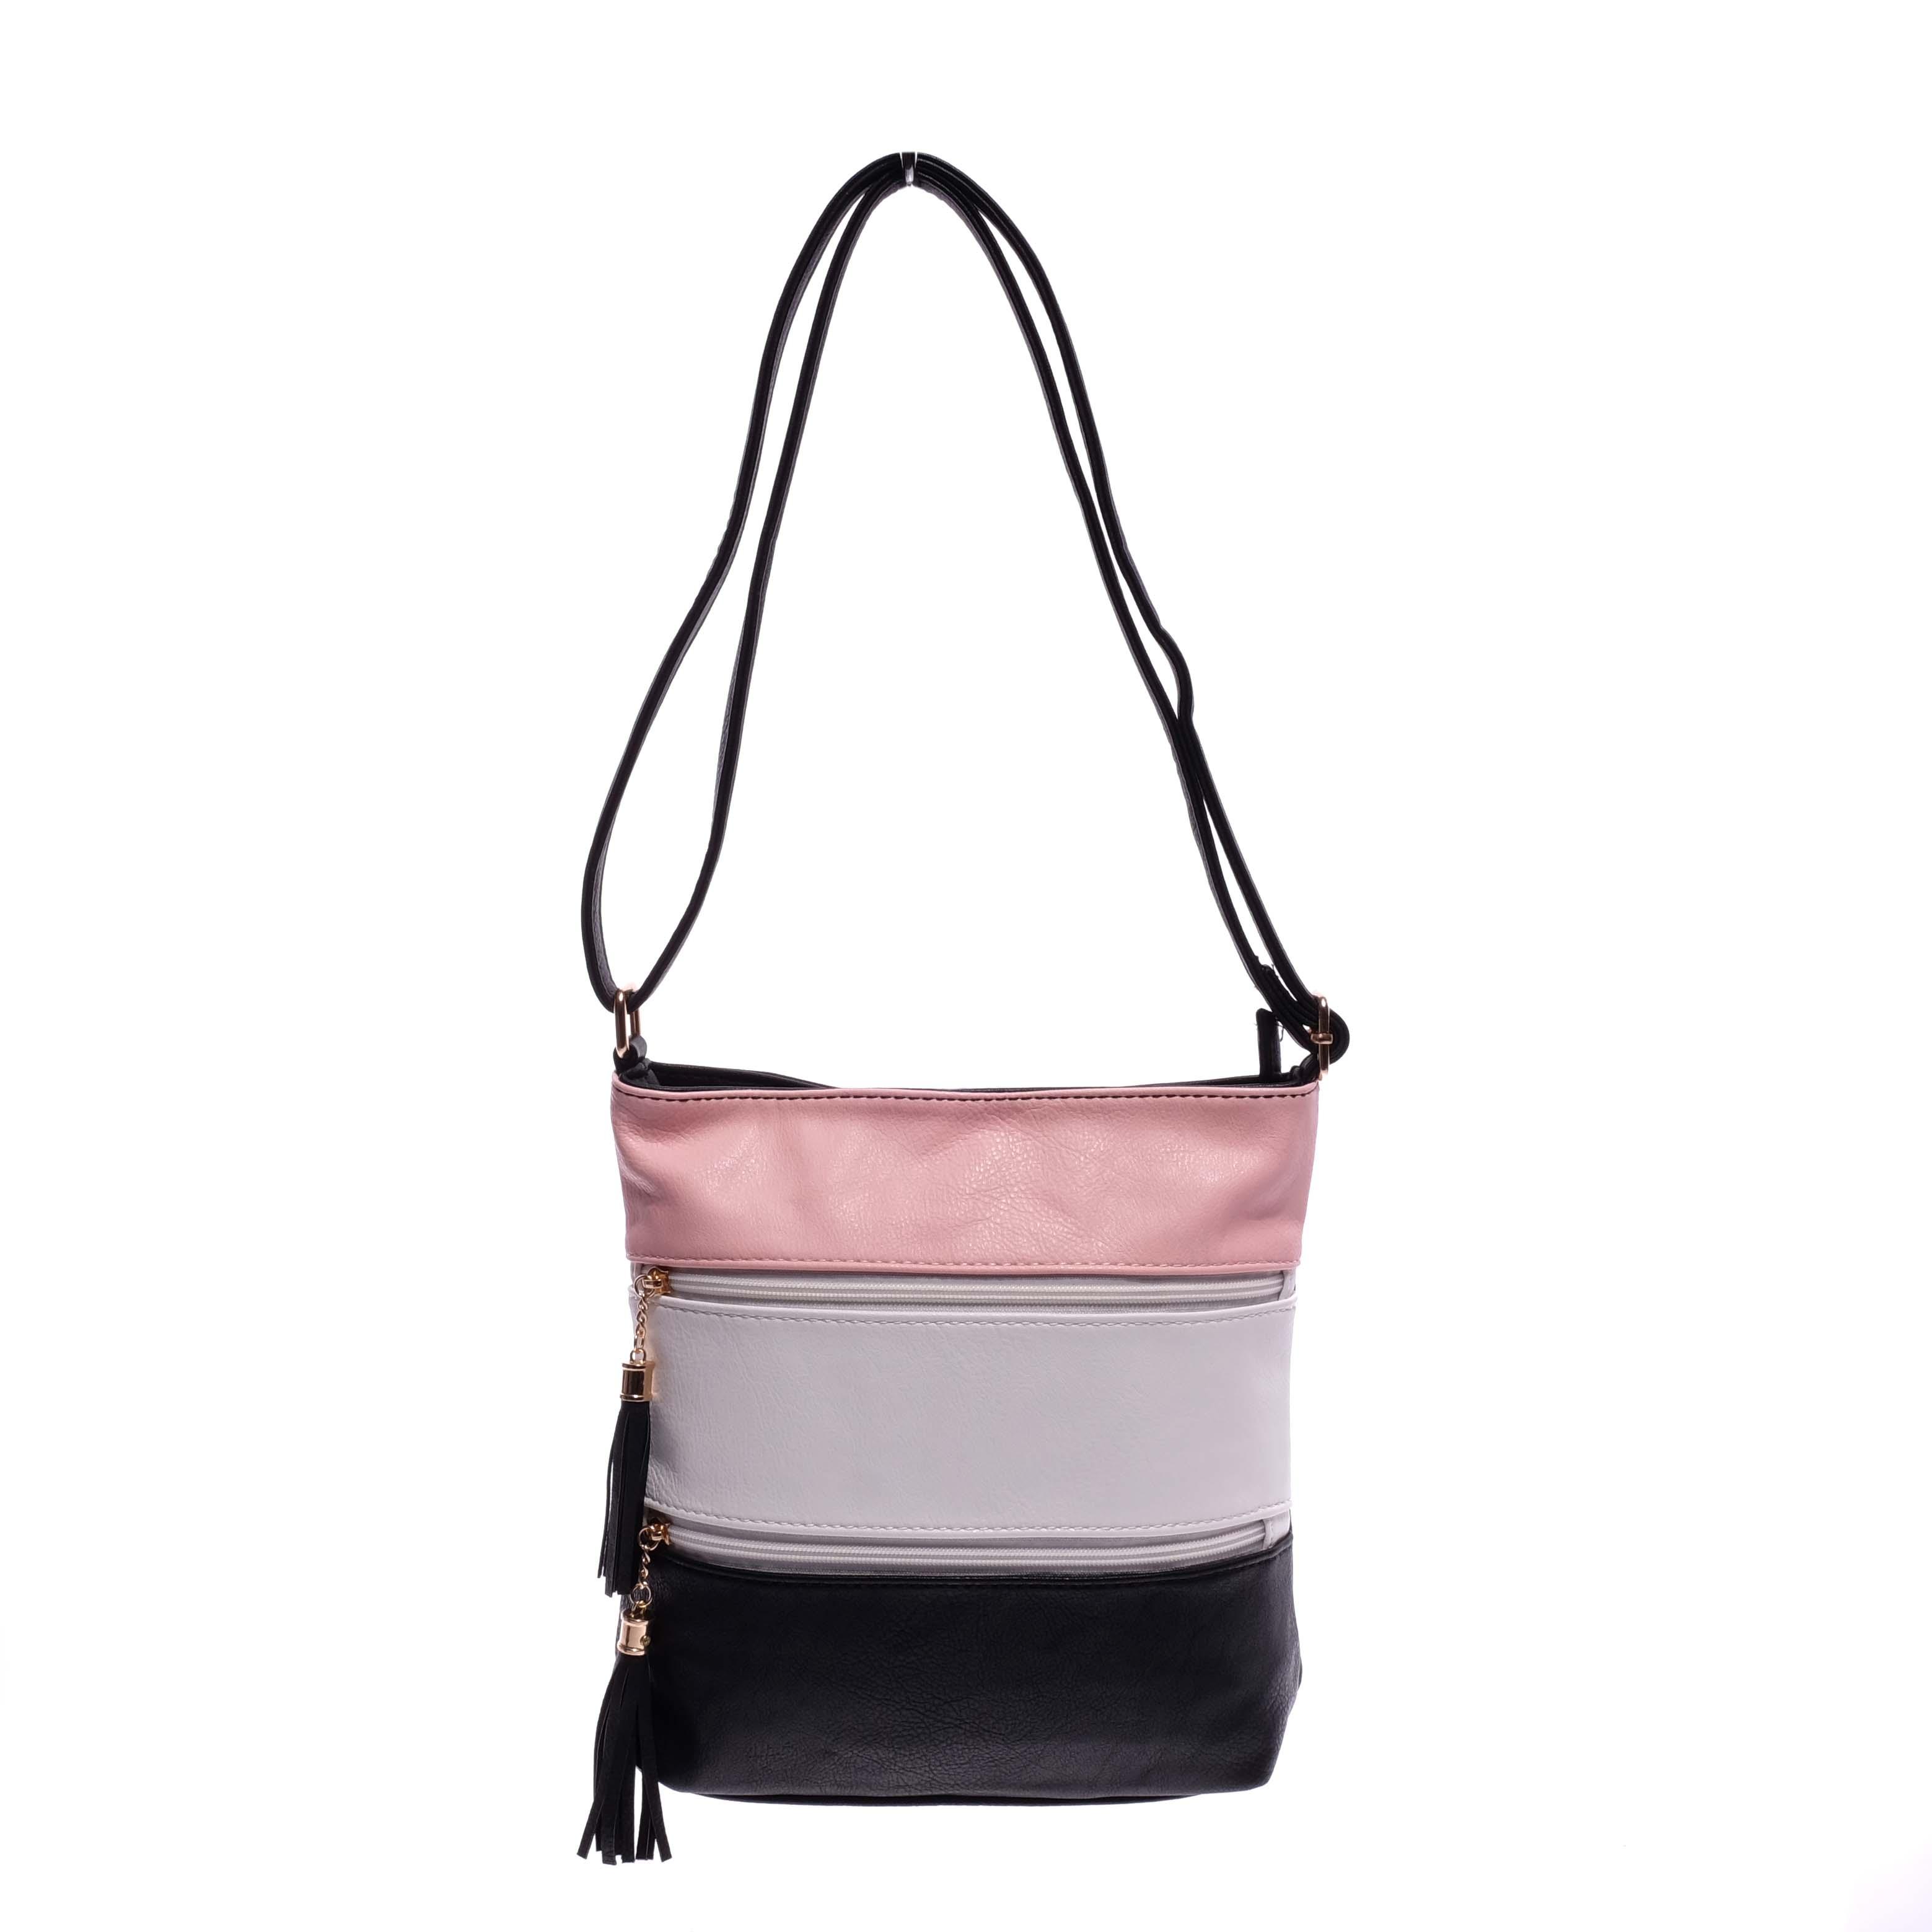 Többszínű Női Átvetős Oldaltáska - Átvetős Oldaltáskák - Táska webáruház -  Minőségi táskák mindenkinek 892da6f18d